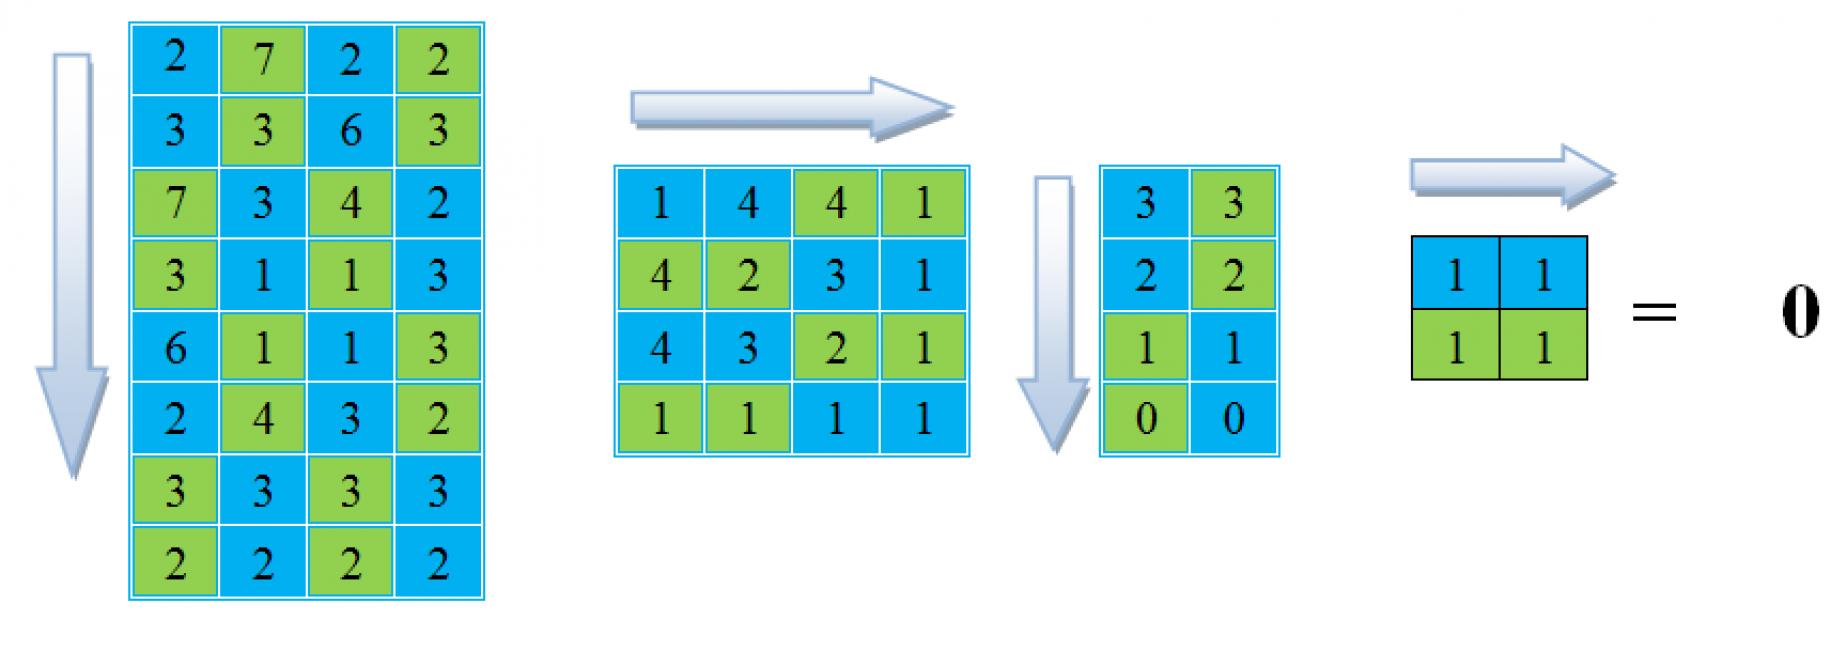 Вычитание близлежащих чисел по строкам и столбцам.